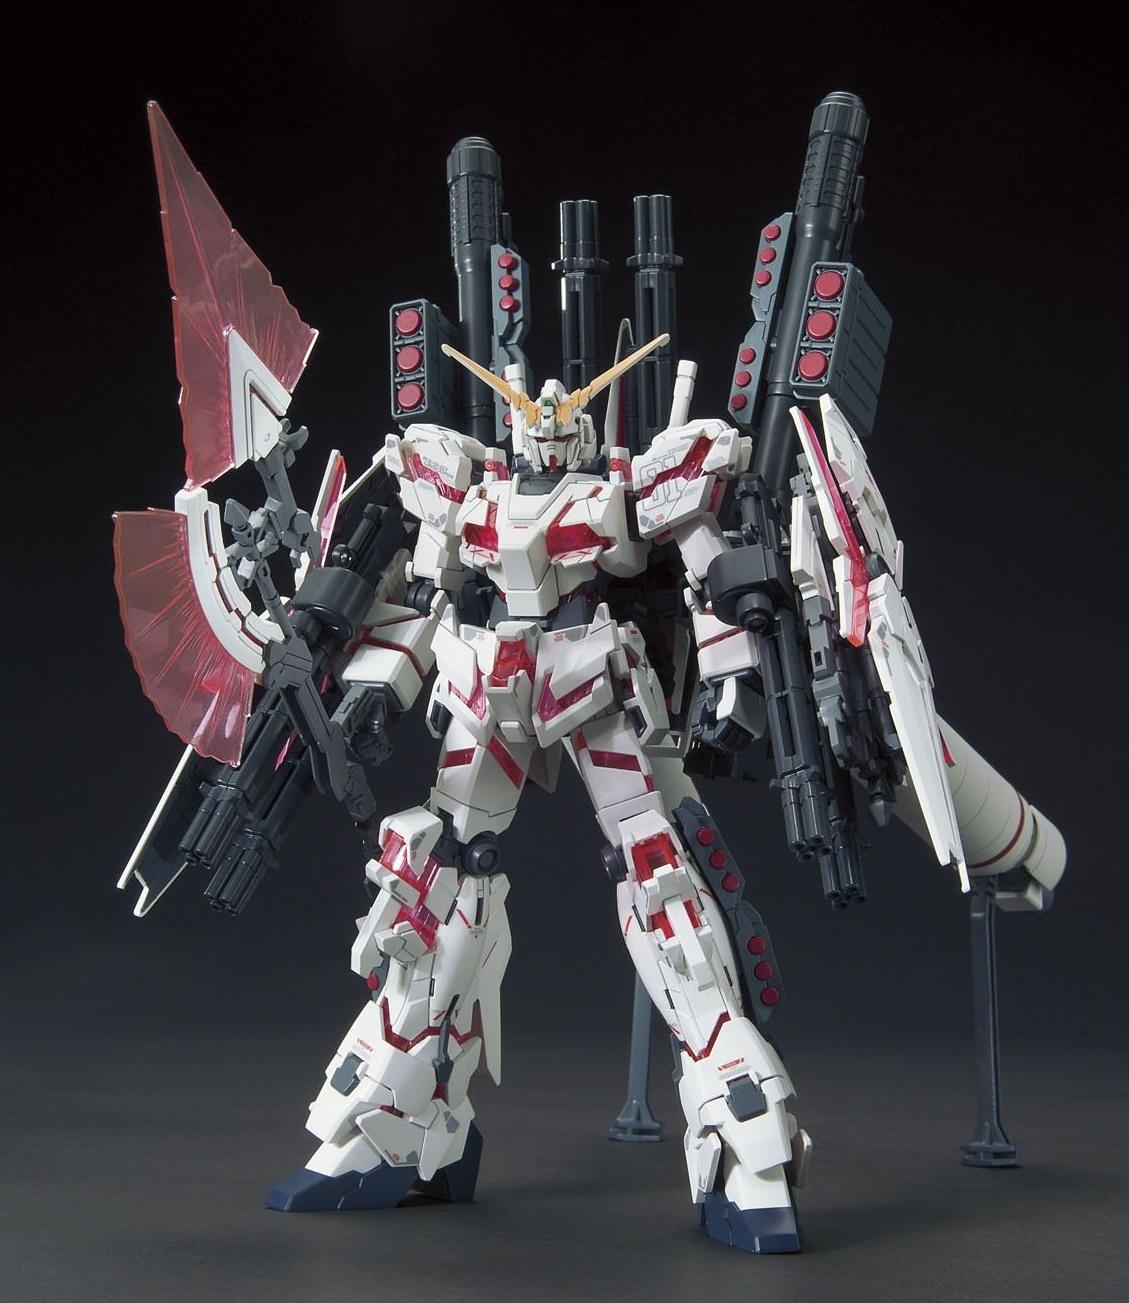 1/144 HGUC: Full Armor Unicorn Gundam (Red Destroy Mode) - Model Kit image